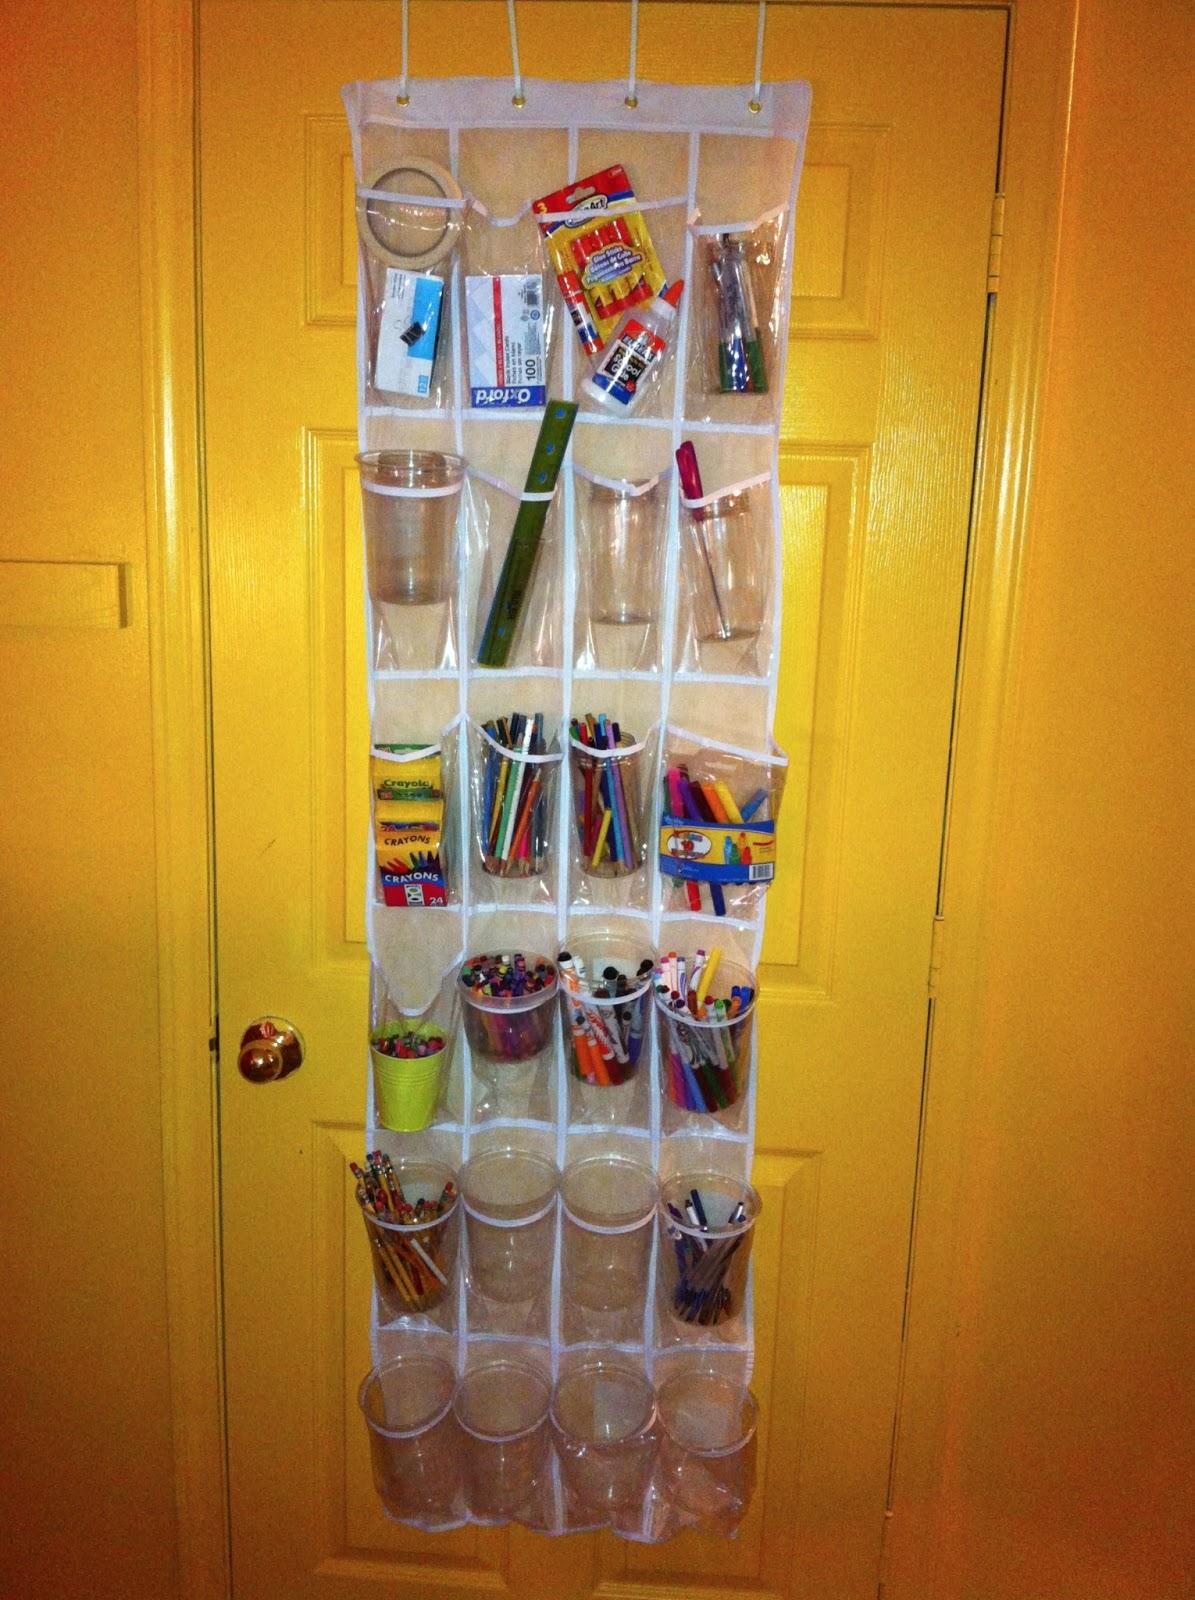 Storing School Supplies In Over The Door Shoe Organizers